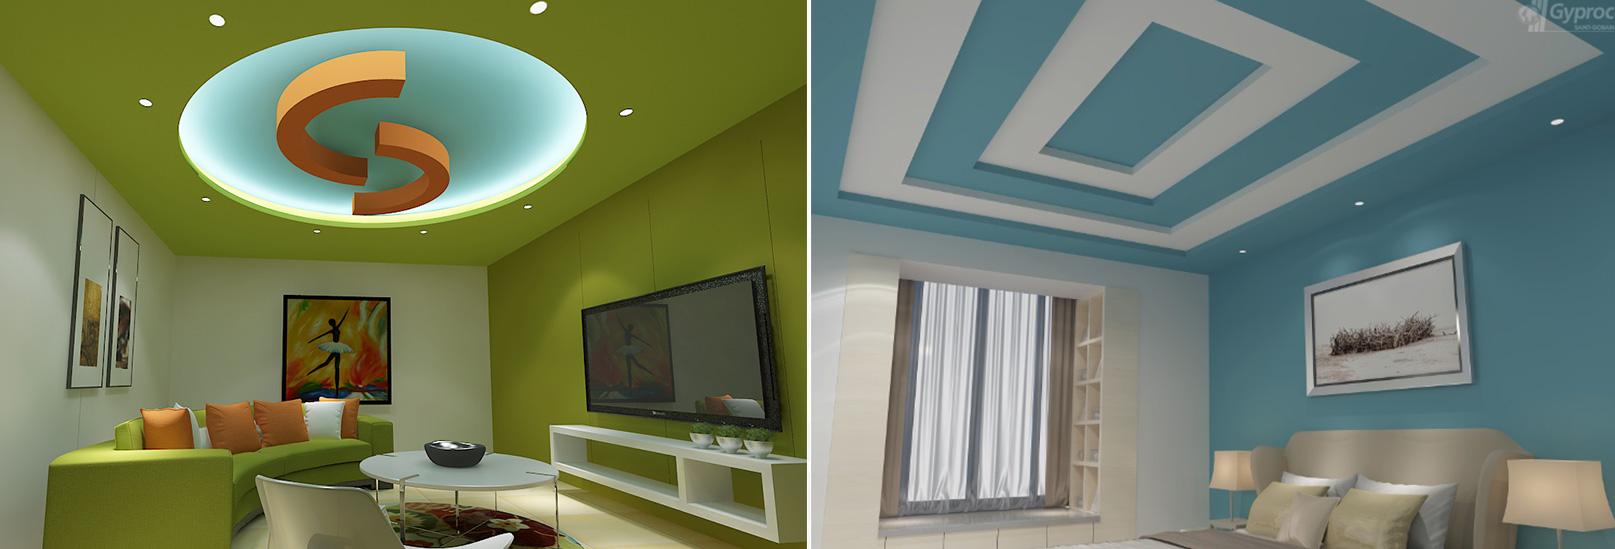 5 modern living room false ceiling design